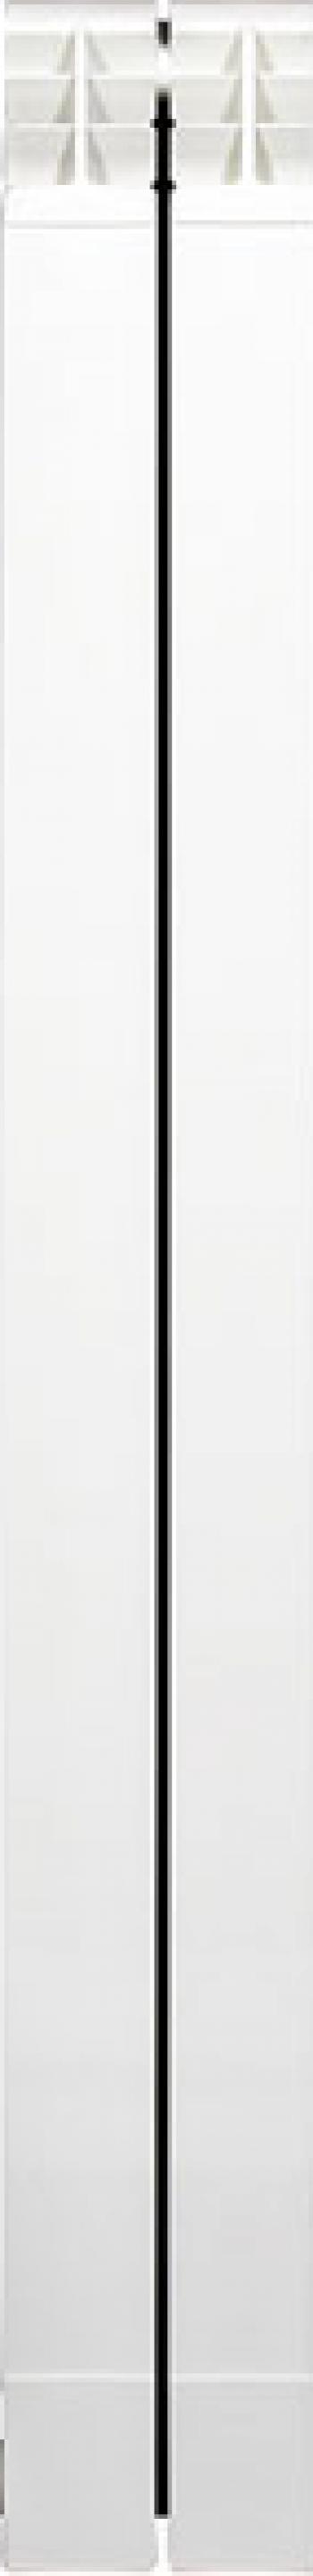 Calorifer/Radiator aluminiu Tropical+ 1400 2 elementi Calorifere si accesorii